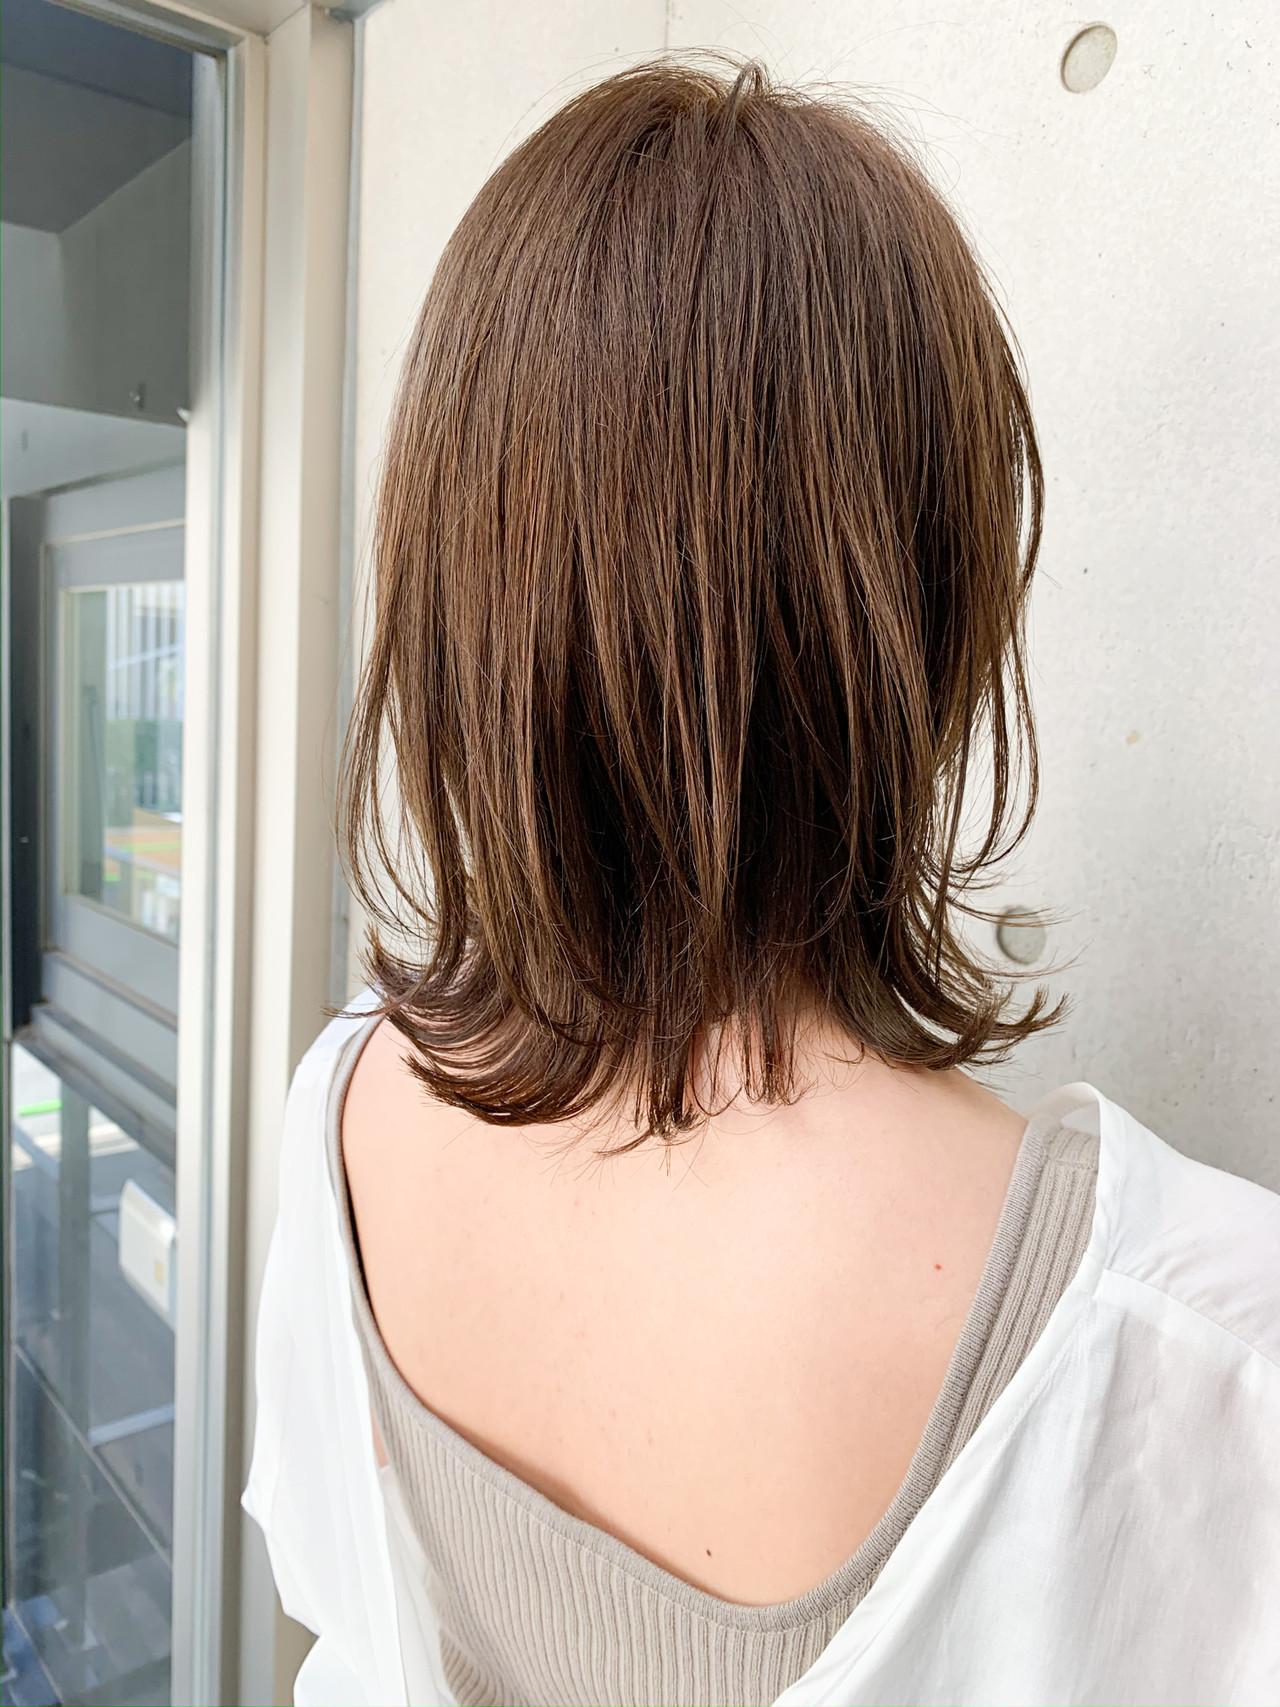 ウルフカット ワンカールパーマ ゆるふわパーマ ナチュラル ヘアスタイルや髪型の写真・画像